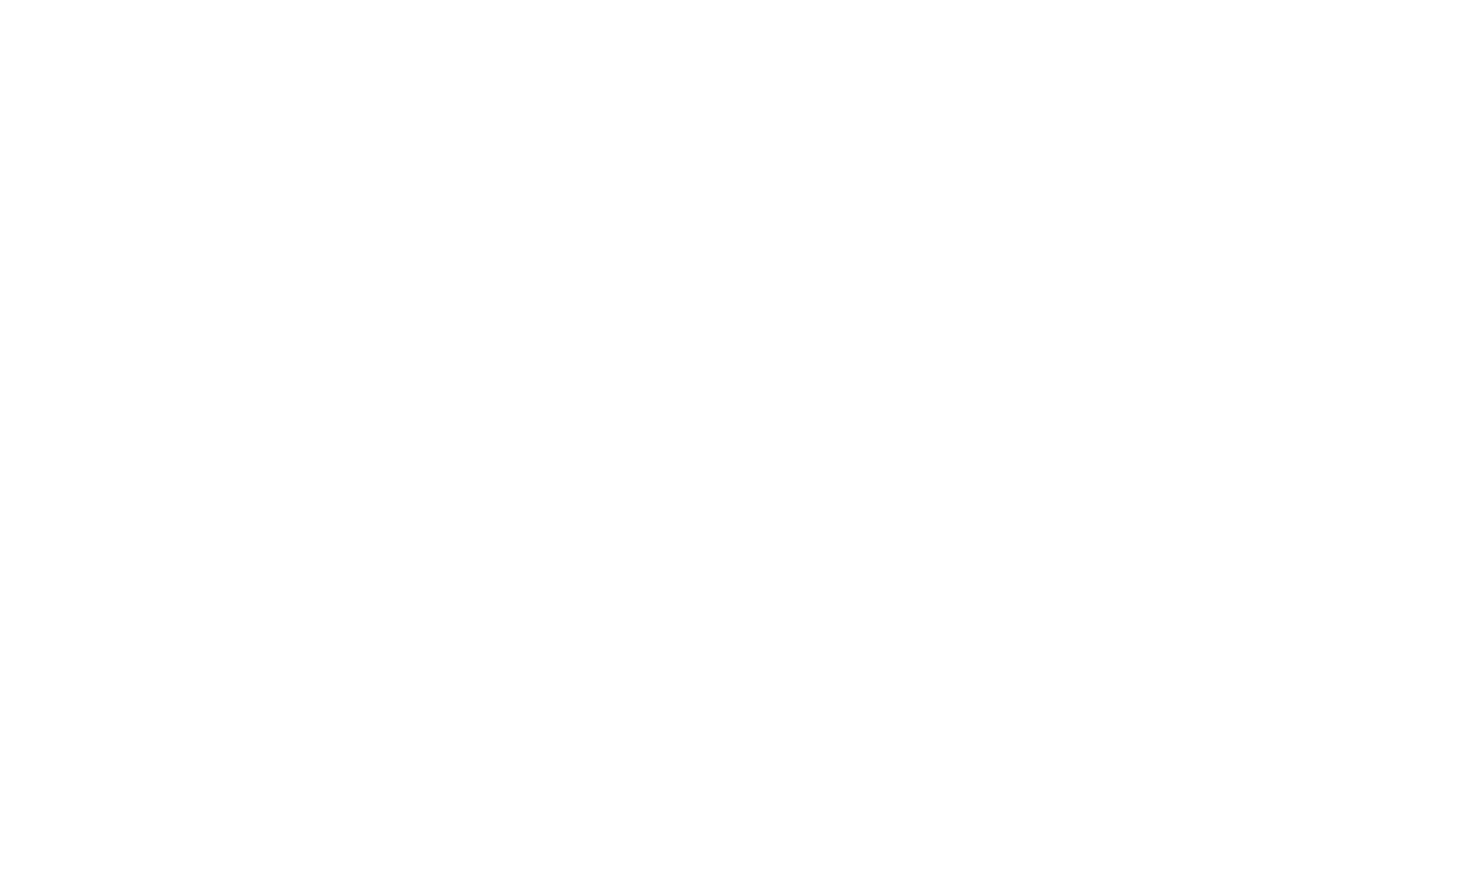 Encuentro y Solidaridad logo